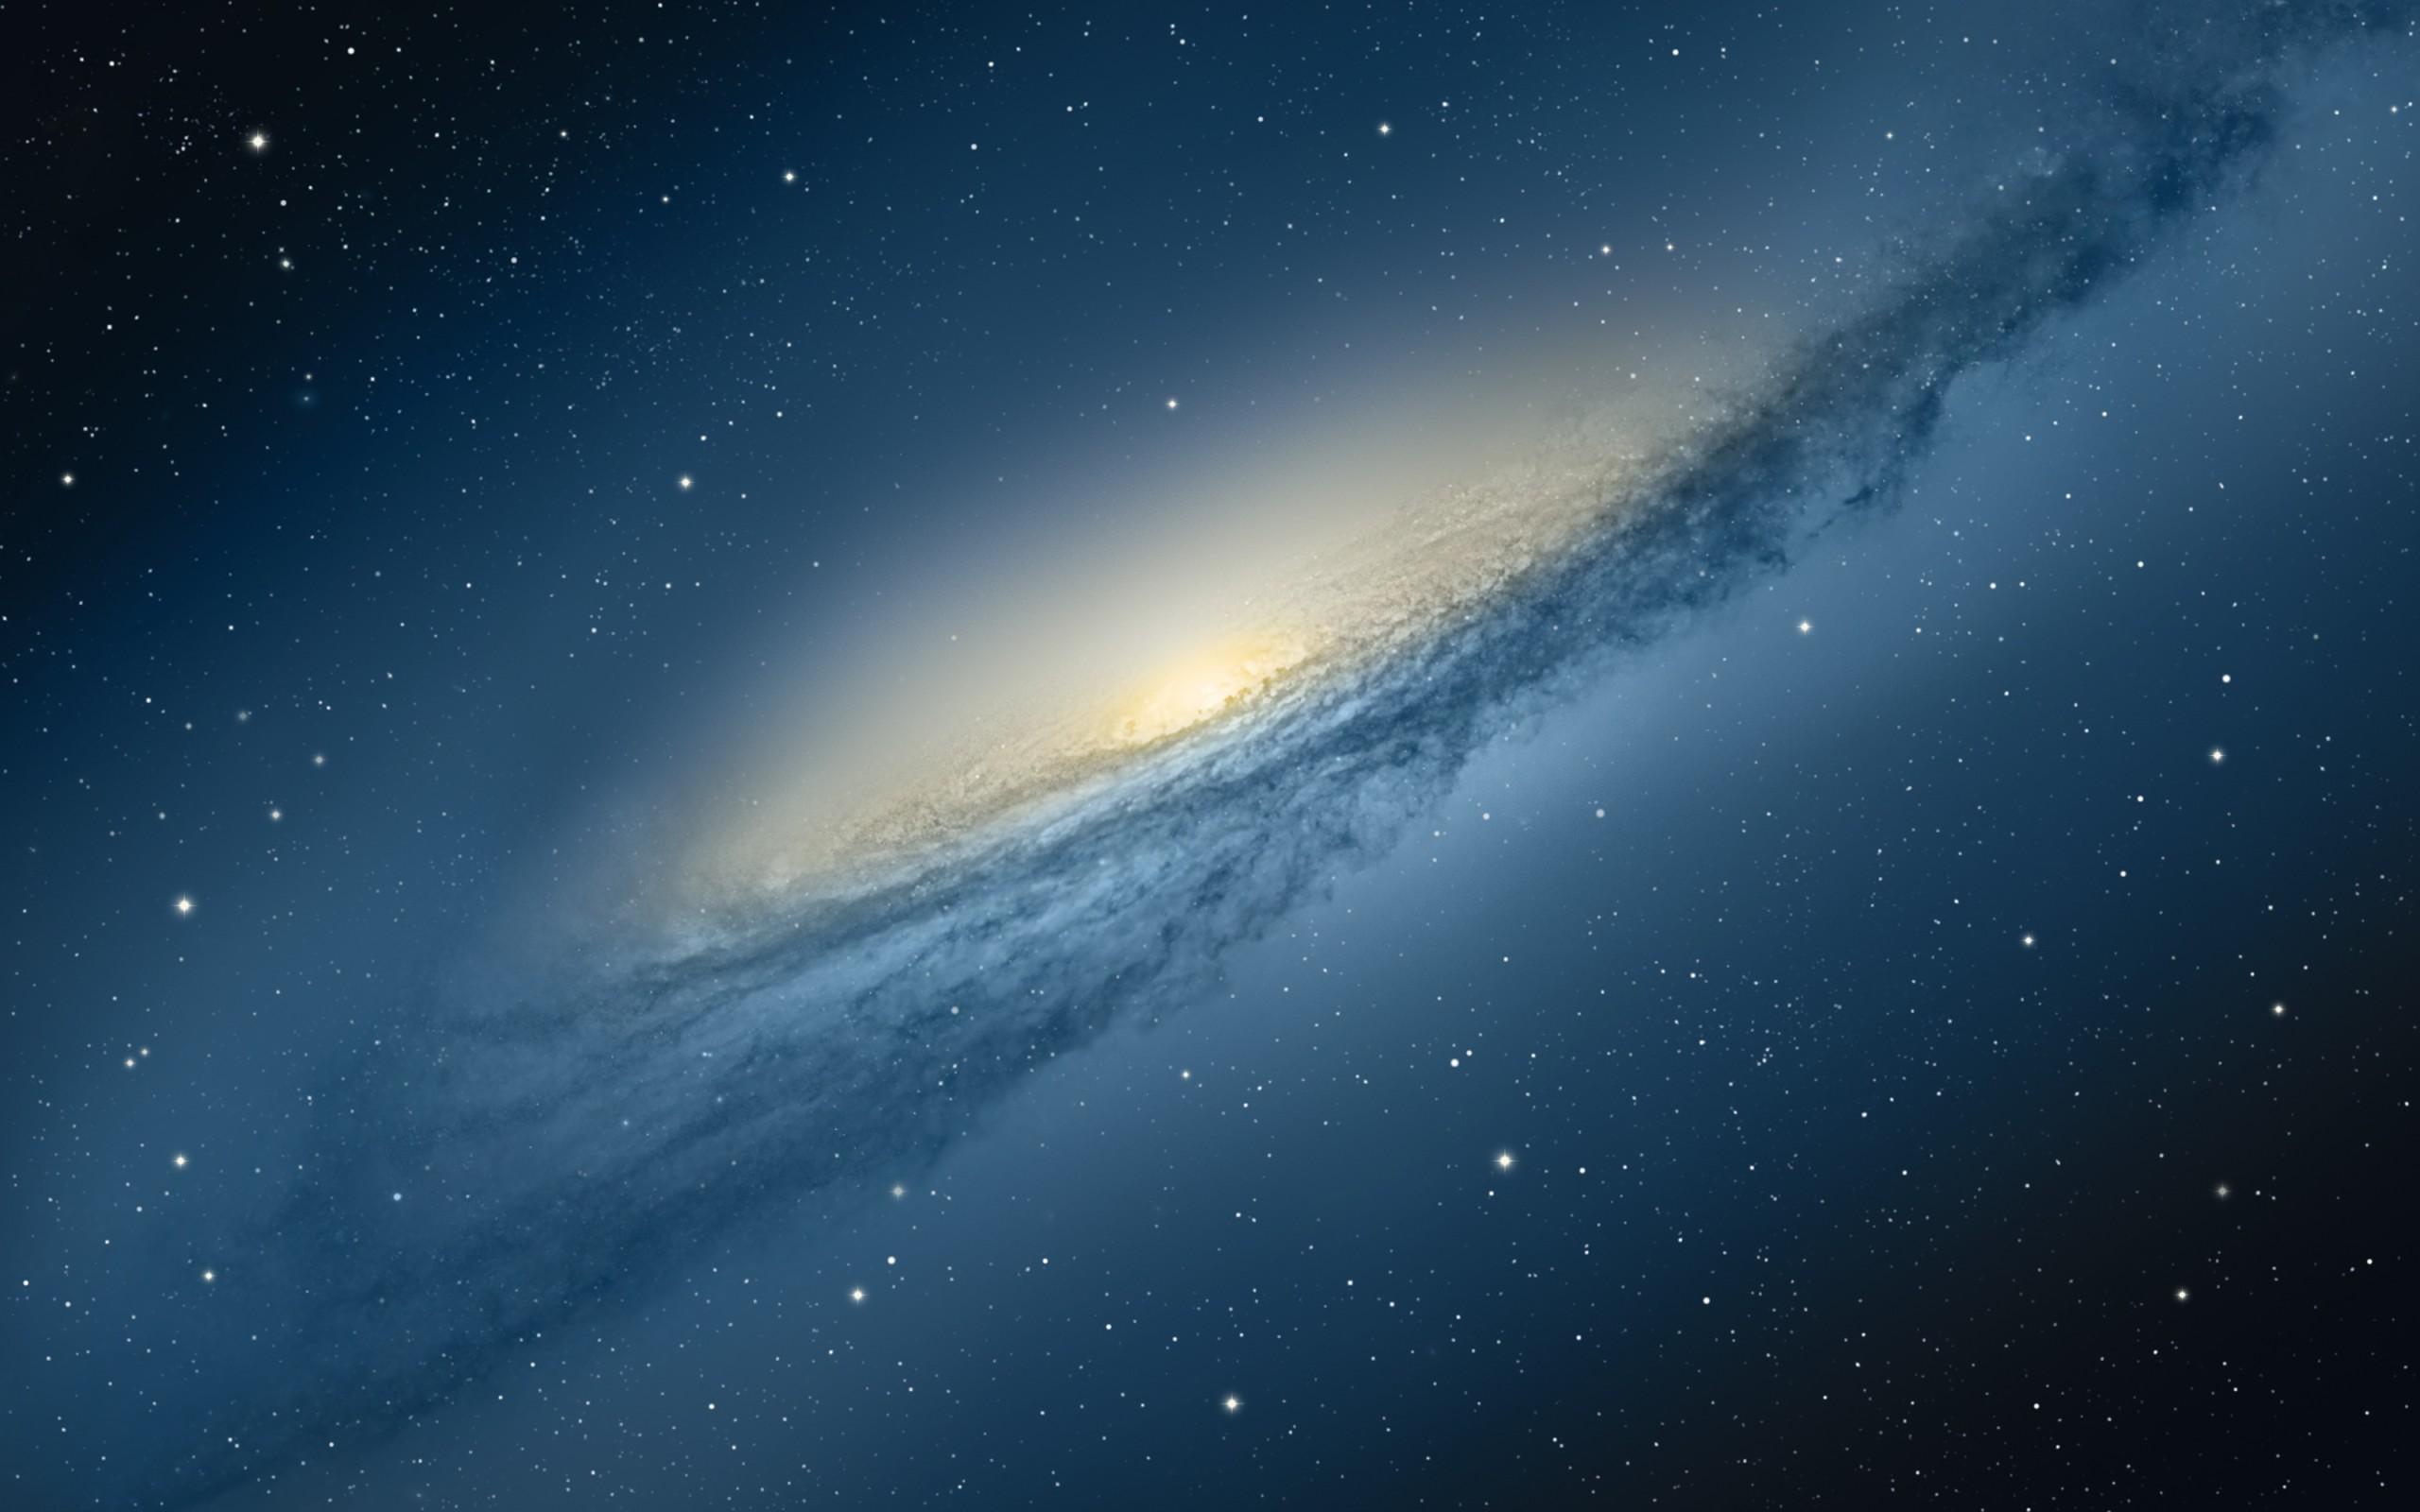 вселенная, звезды, созвездия